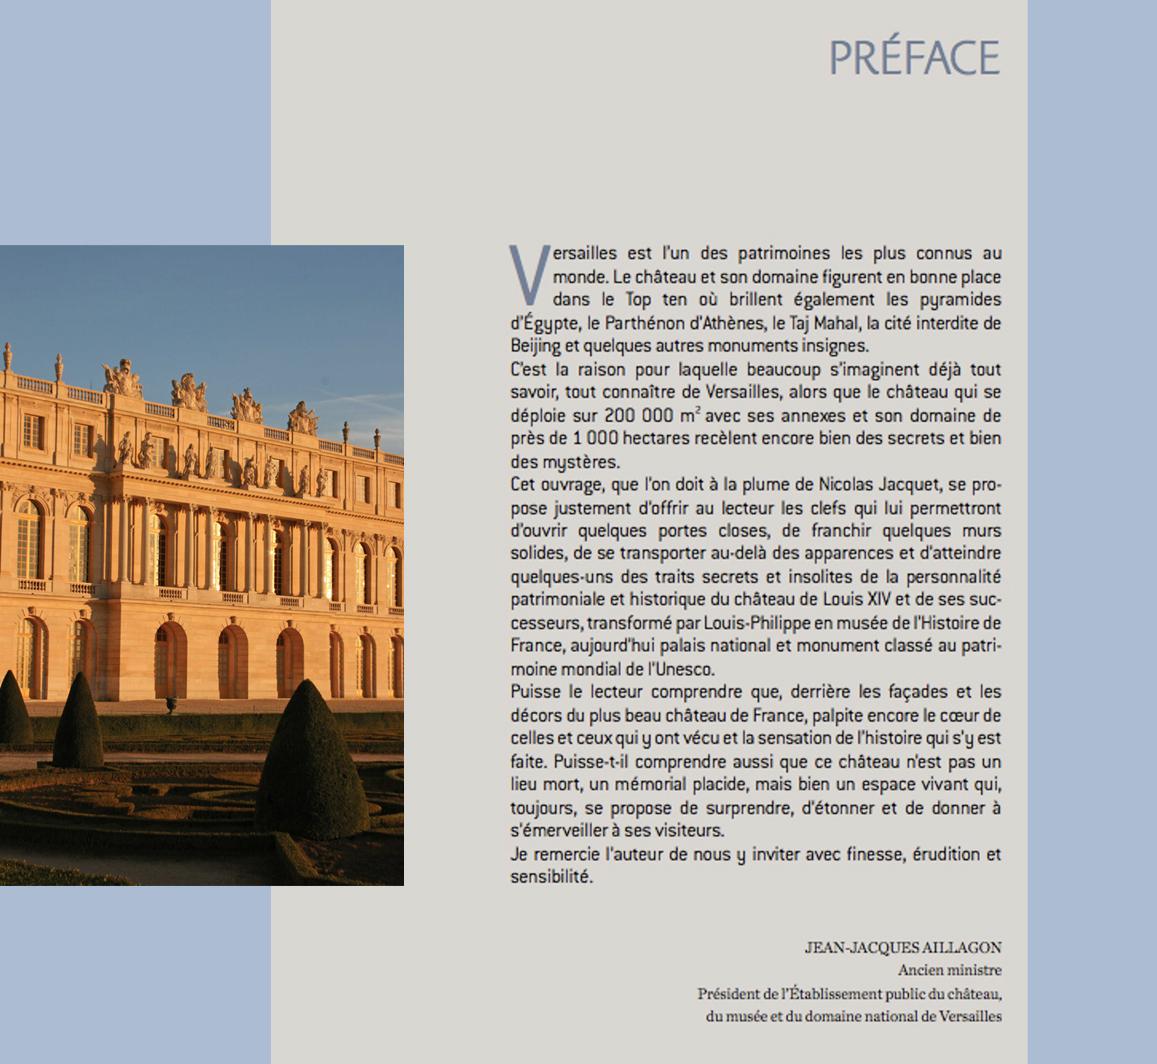 Préface de Jean-Jacques Aillagon pour Versailles Secret et Insolite - Président de l'Etablissement public du château, du musée et du domaine national de Versailles